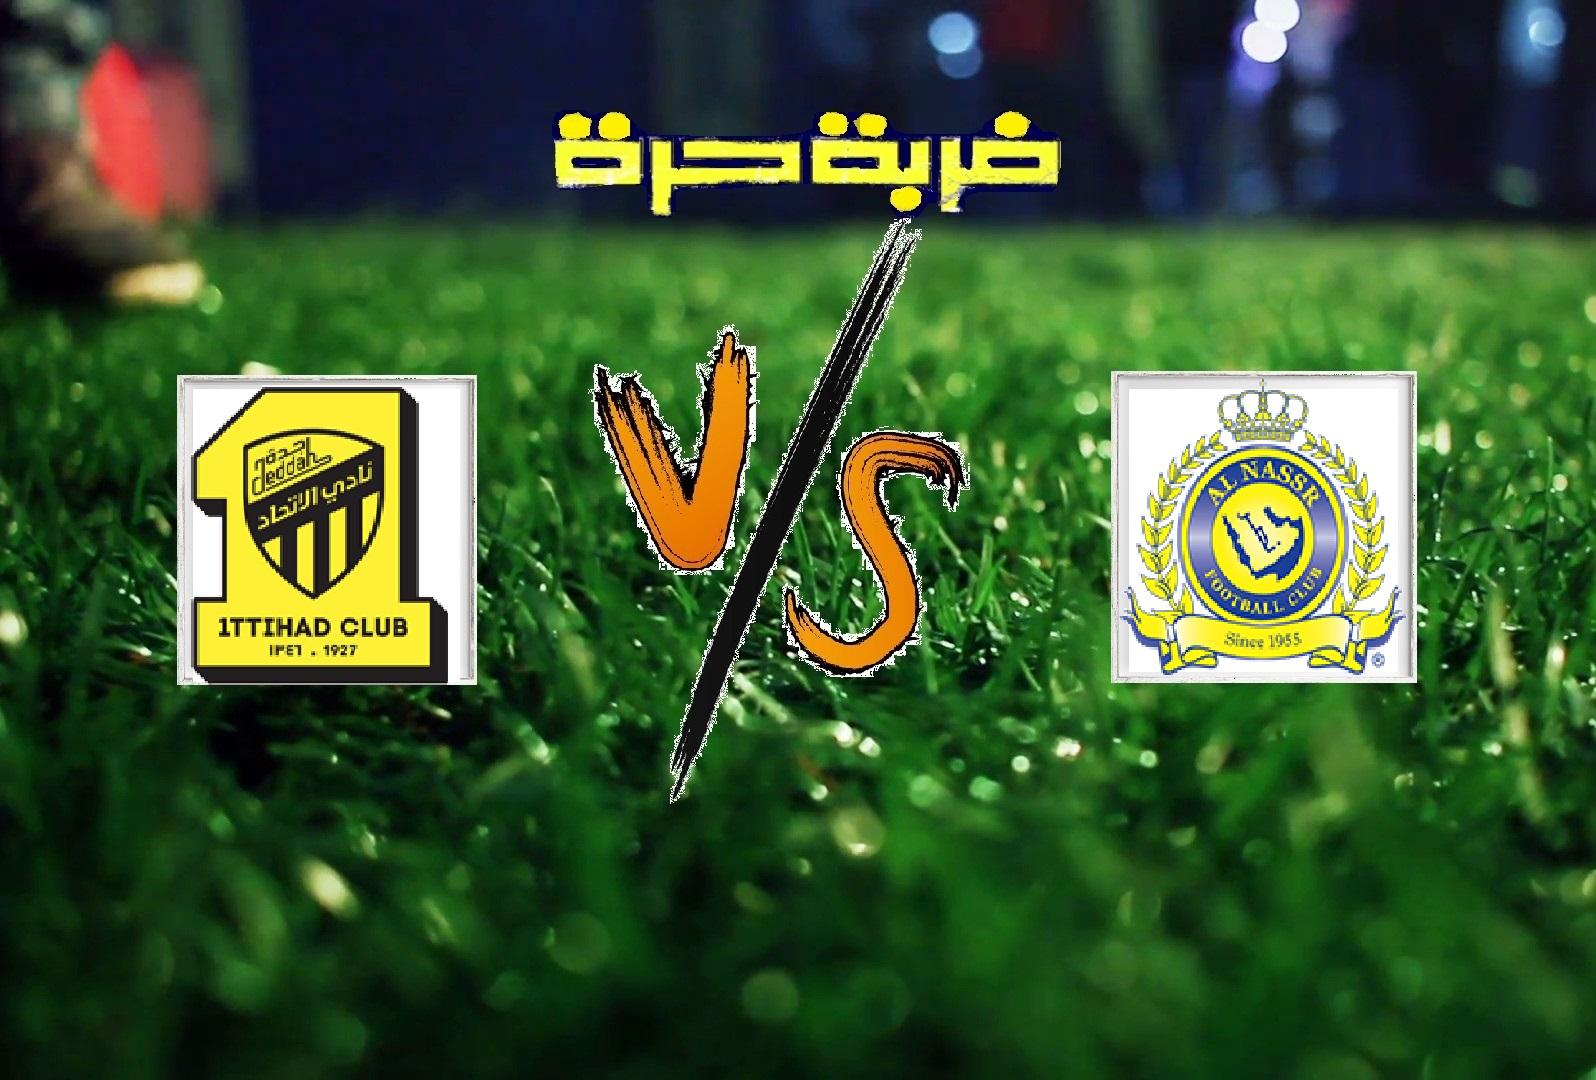 ملخص مباراة النصر والاتحاد اليوم السبت بتاريخ 13-04-2019 الدوري السعودي